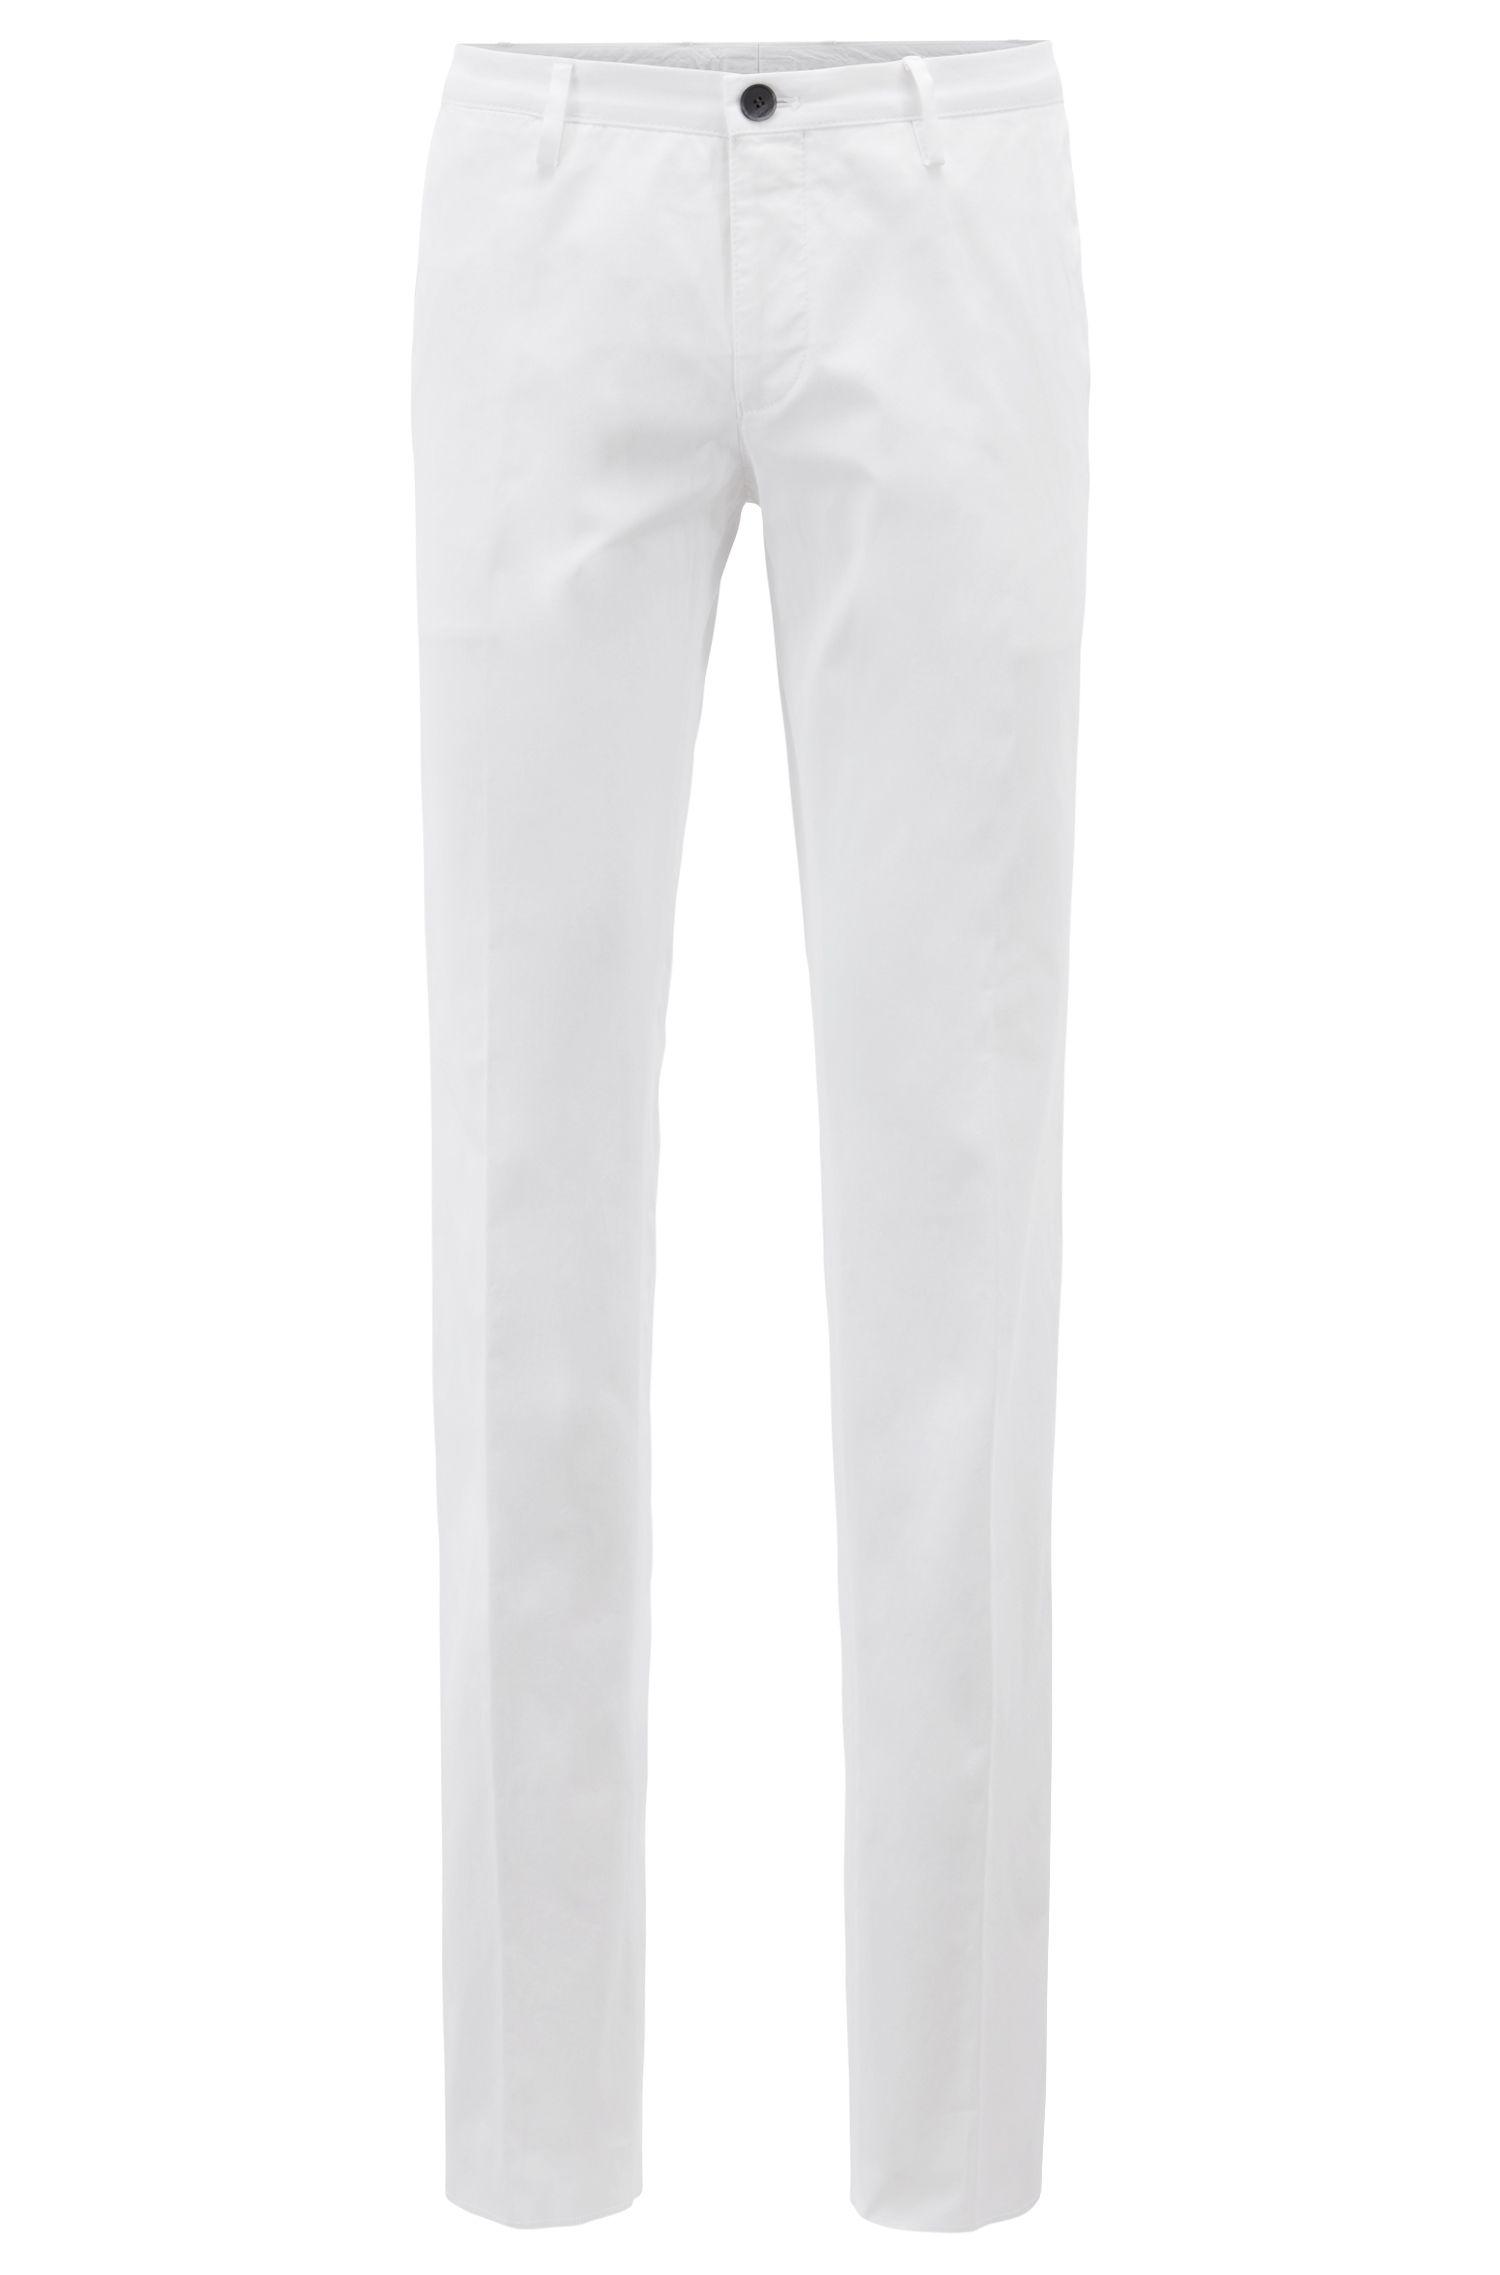 Pantaloni slim fit in cotone elasticizzato tinto in capo, Bianco